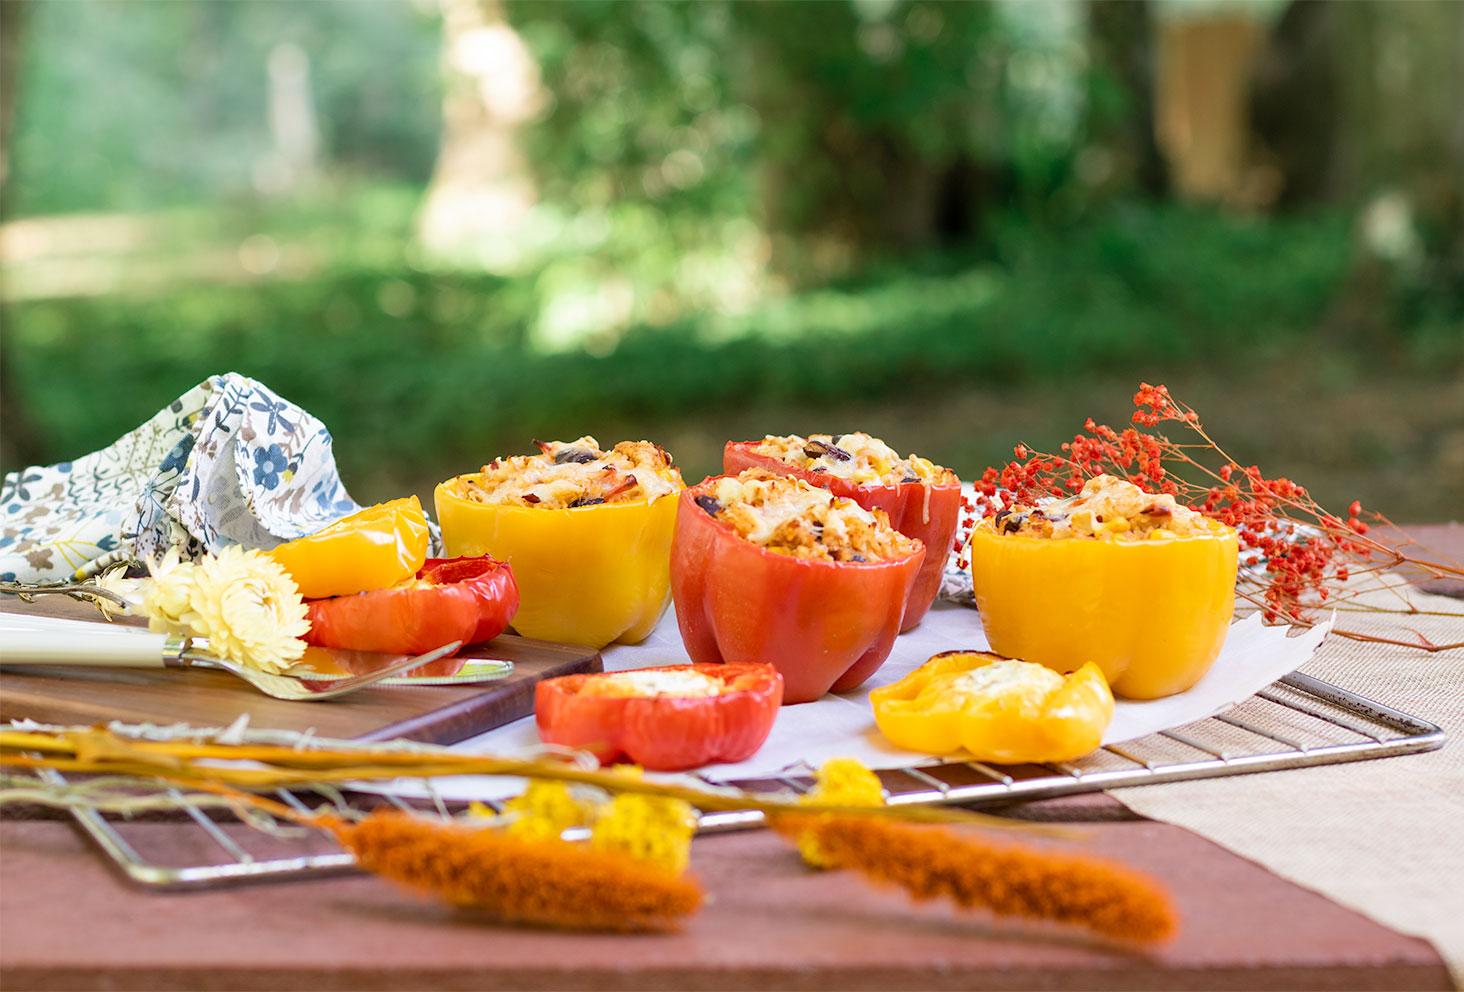 La recette de poivrons farcis facile, posés sur une plaque de four avec des couverts et des fleurs séchées, sur une table extérieure